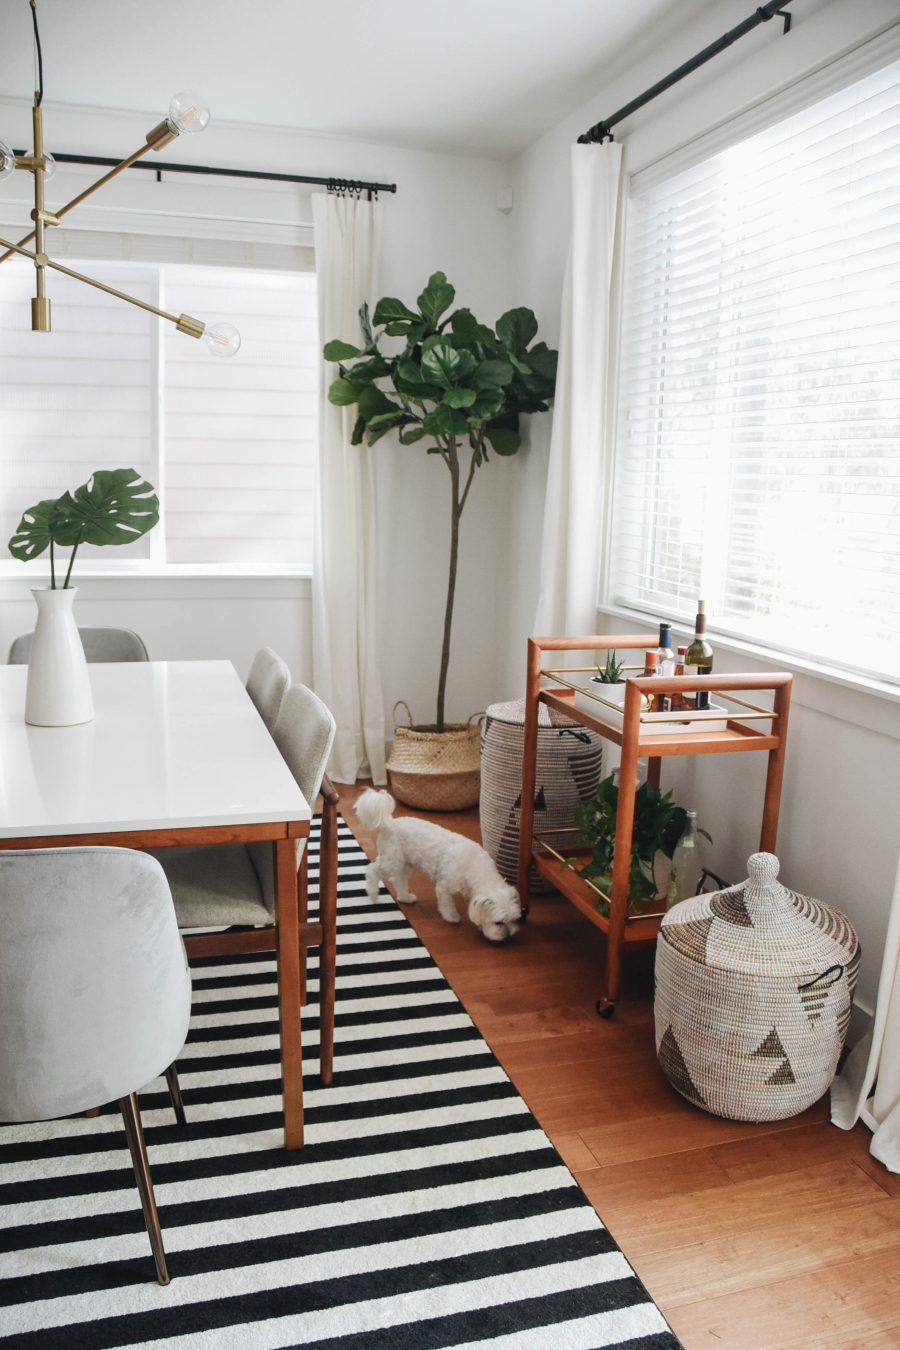 Proste i przytulne wnętrze w bieli, wystrój wnętrz, wnętrza, urządzanie domu, dekoracje wnętrz, aranżacja wnętrz, inspiracje wnętrz,interior design , dom i wnętrze, aranżacja mieszkania, modne wnętrza, białe wnętrza, wnętrza w bieli, styl skandynawski, minimalizm, naturalne dodatki, jasne wnętrza, jadalnia, stół, krzesła